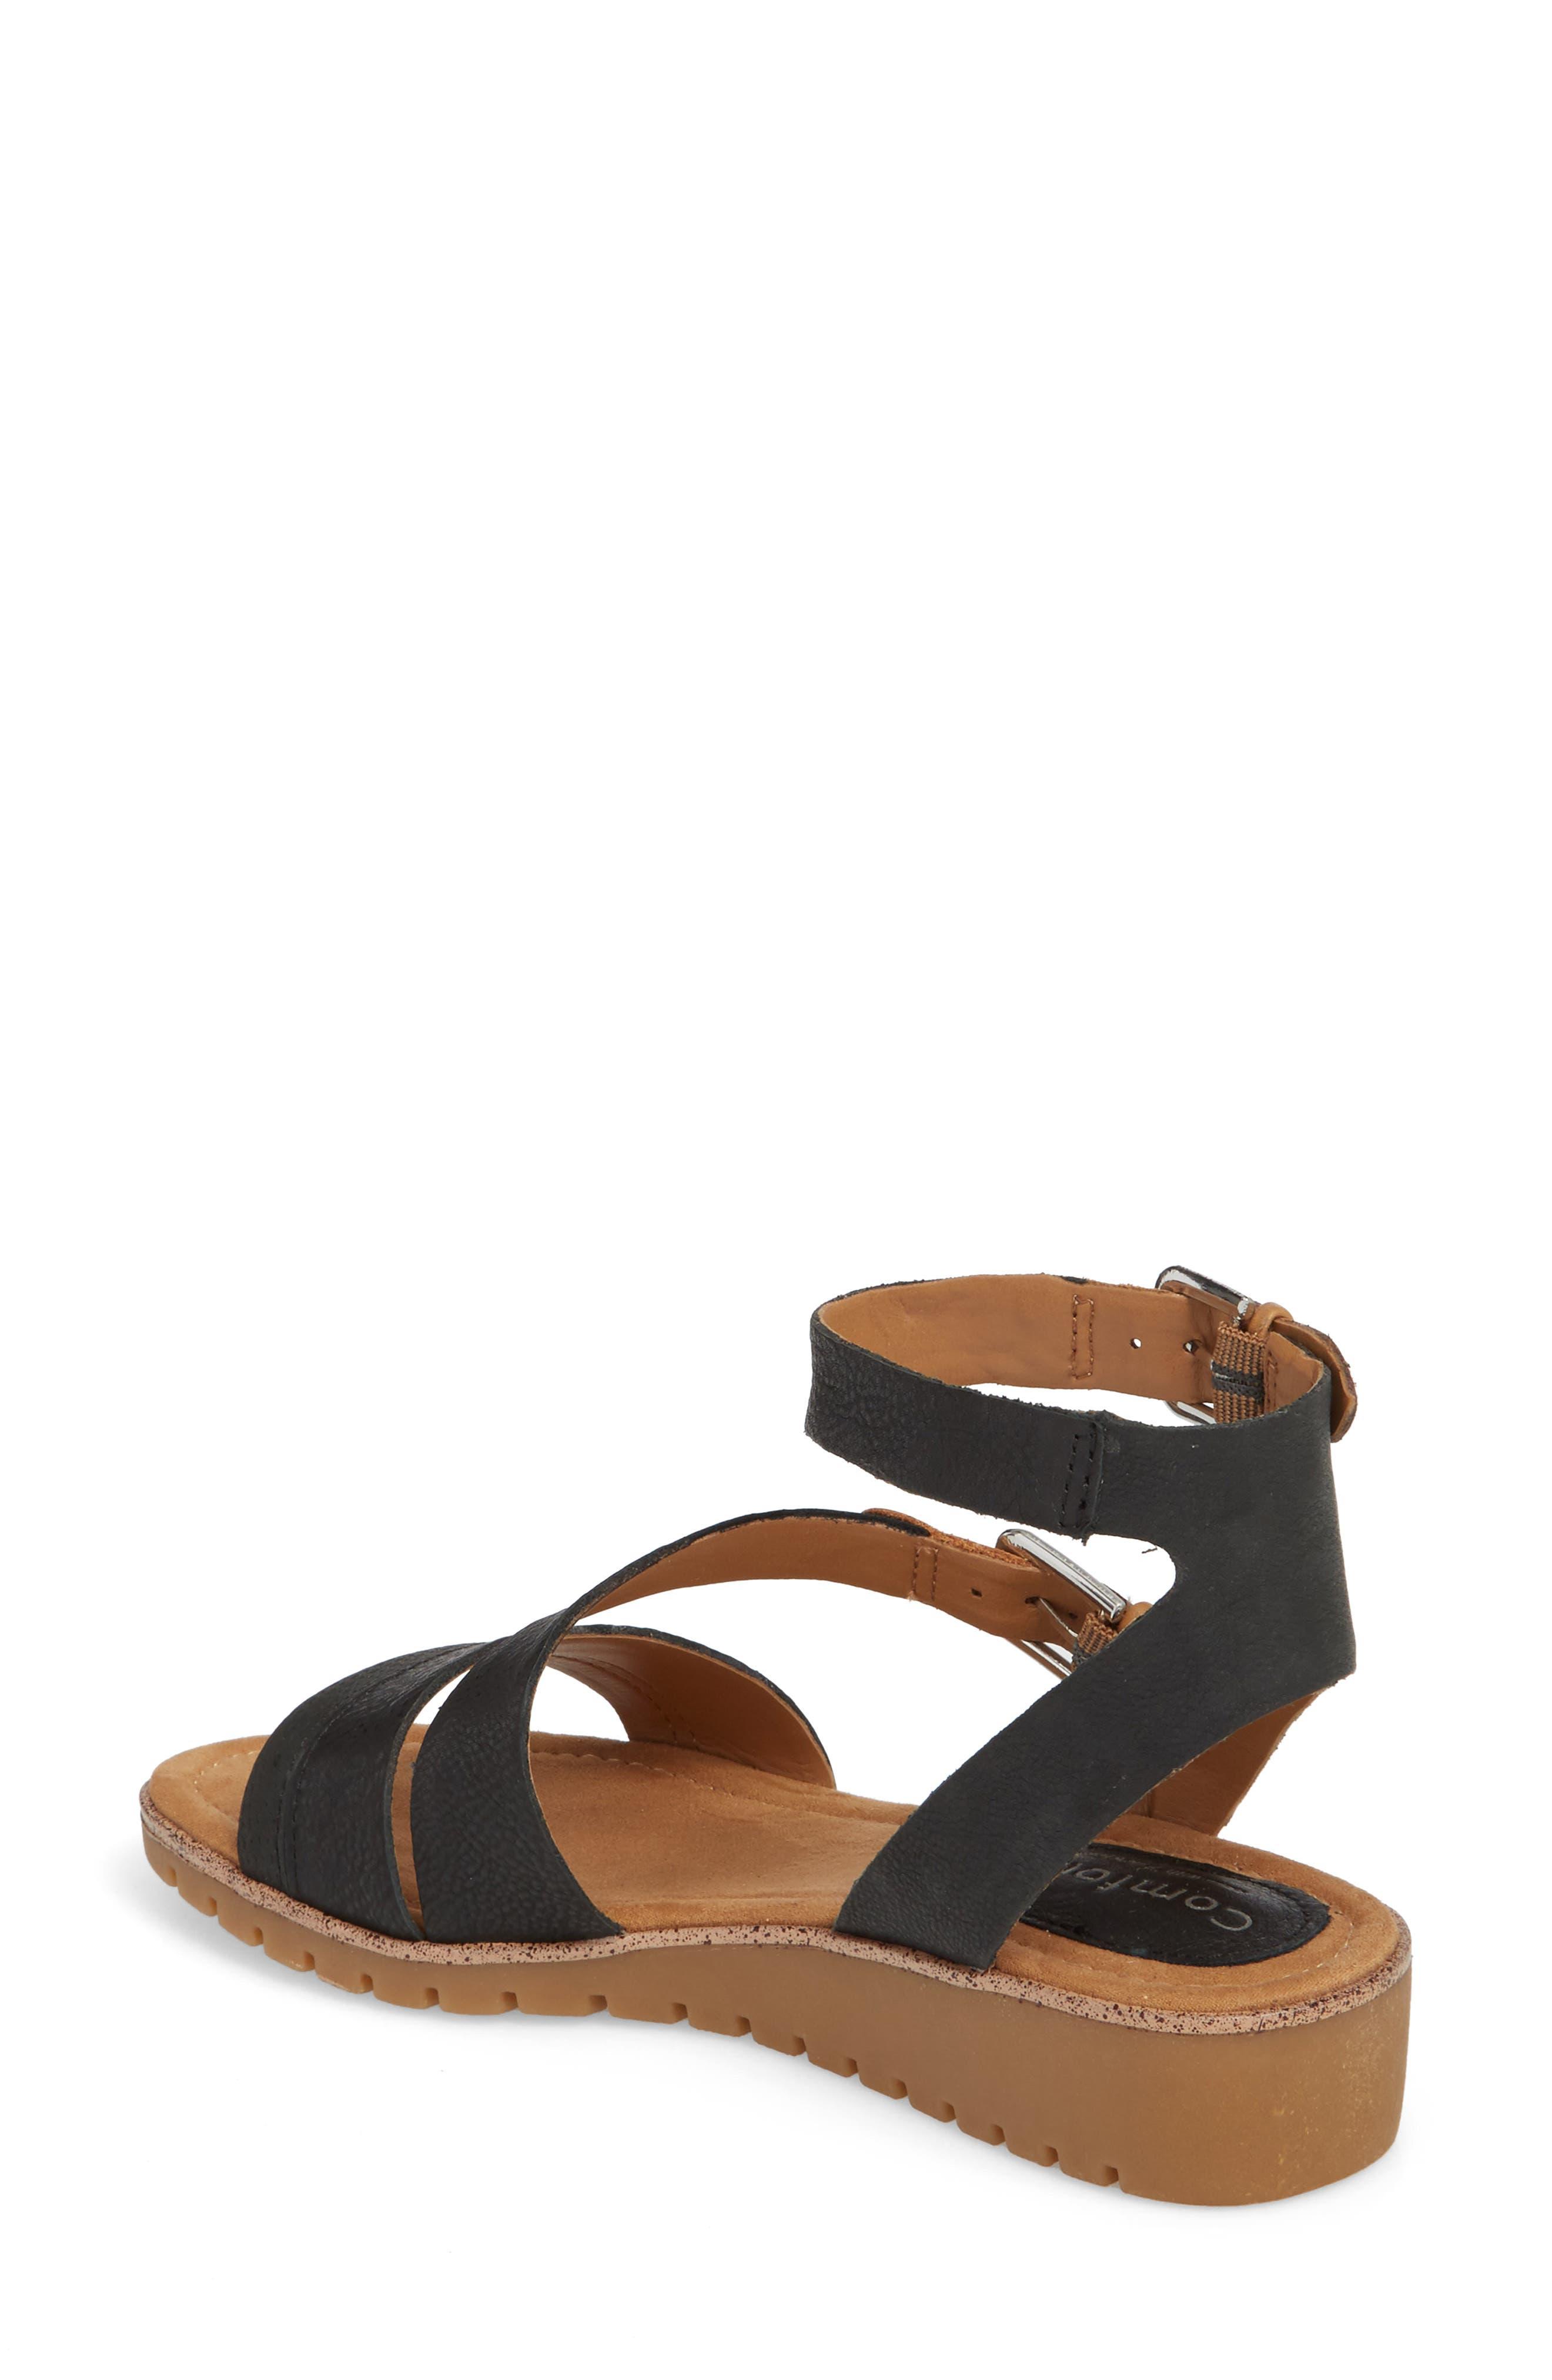 Corvina Sandal,                             Alternate thumbnail 2, color,                             Black/ Sand Leather